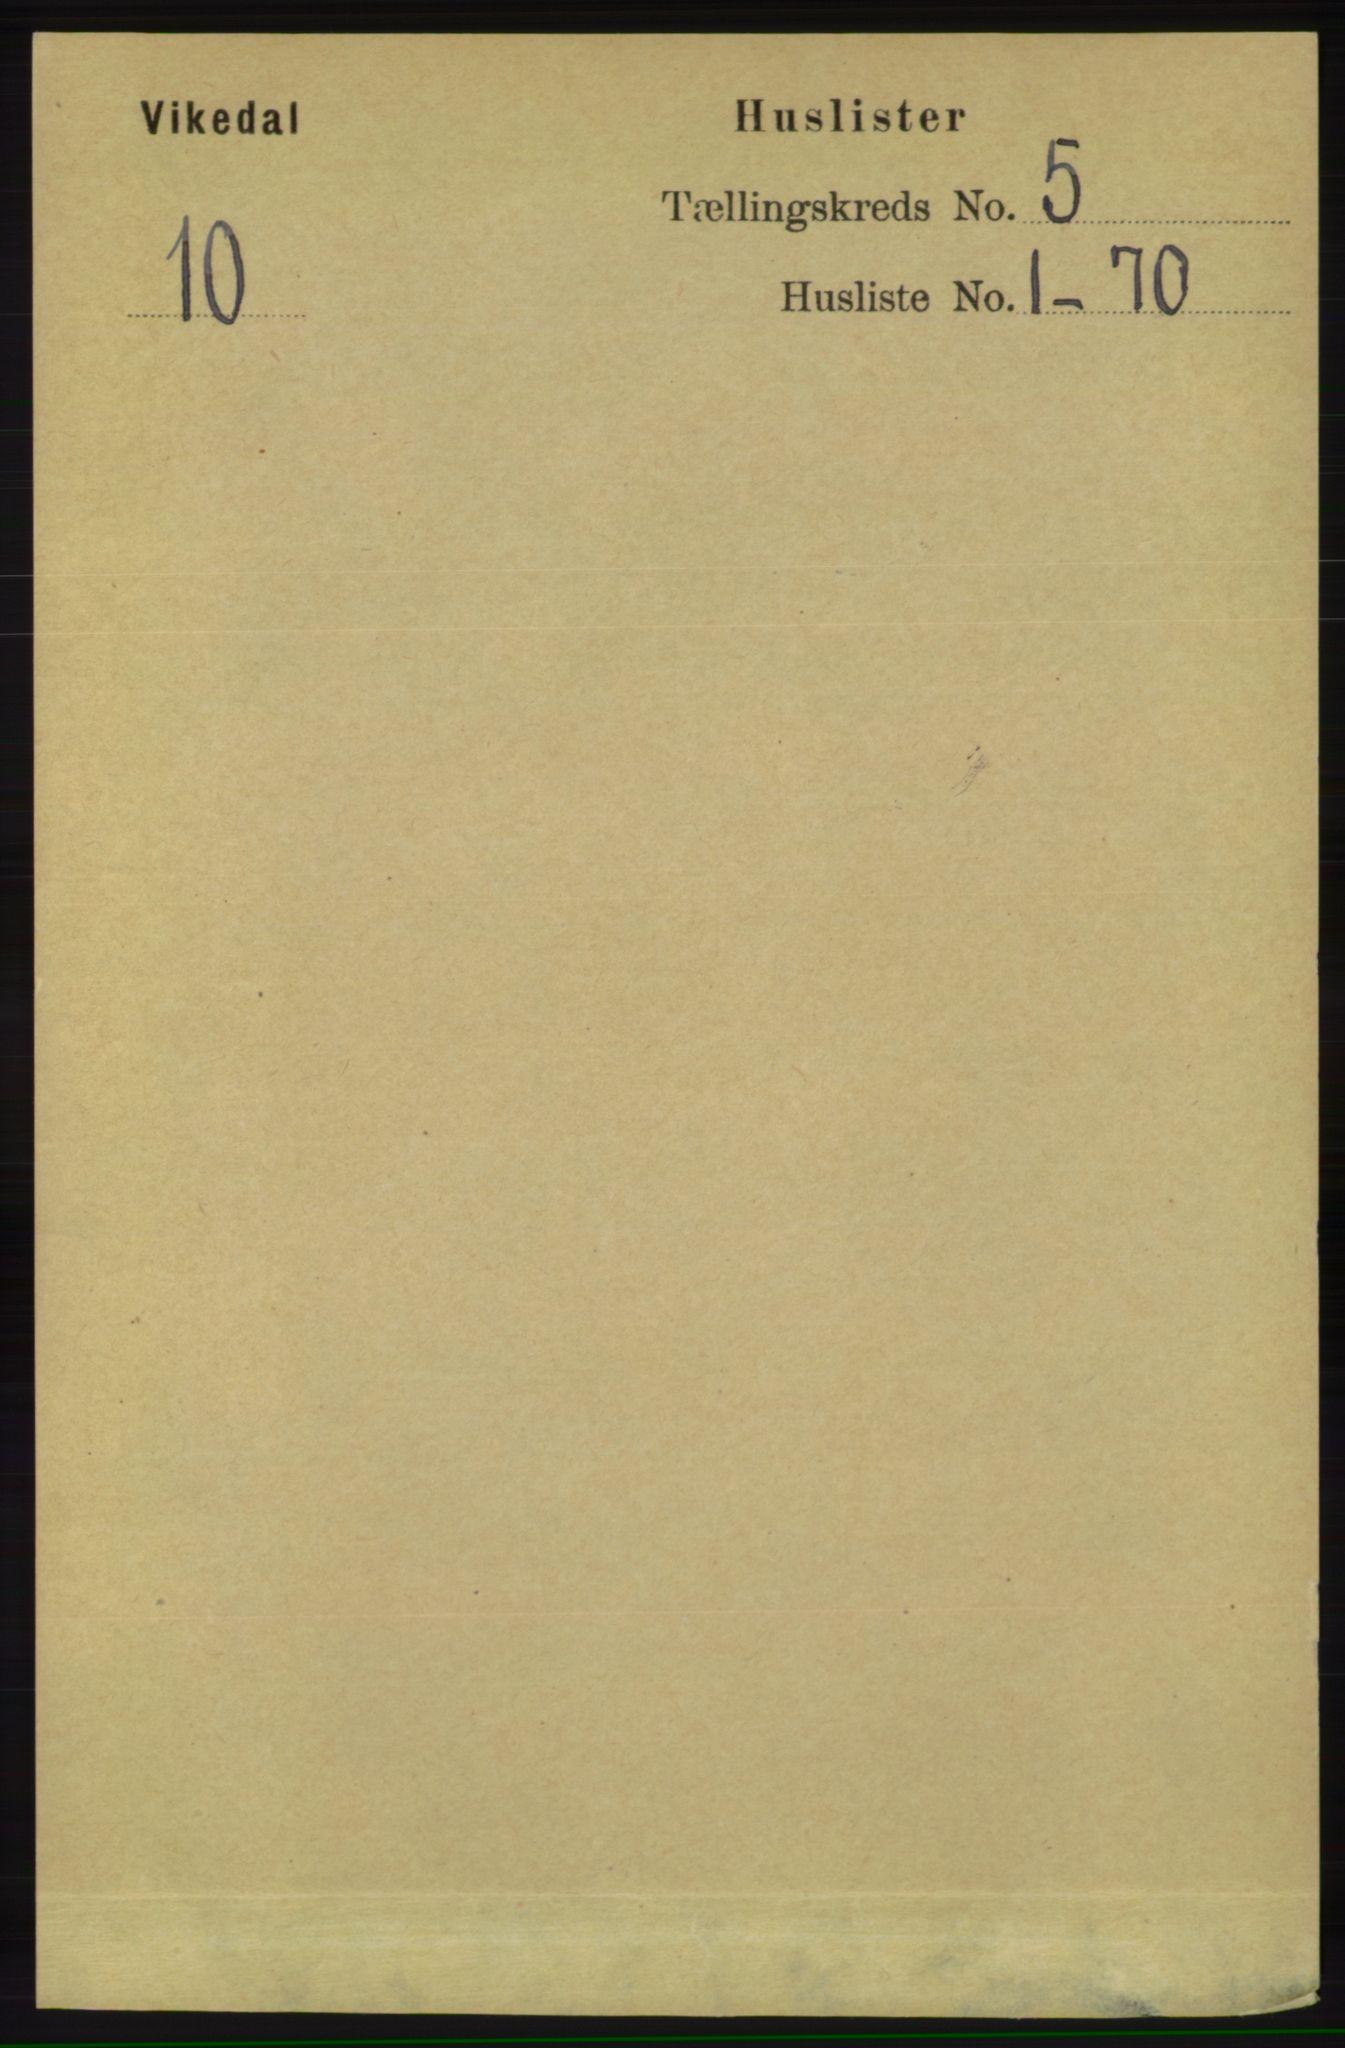 RA, Folketelling 1891 for 1157 Vikedal herred, 1891, s. 1083